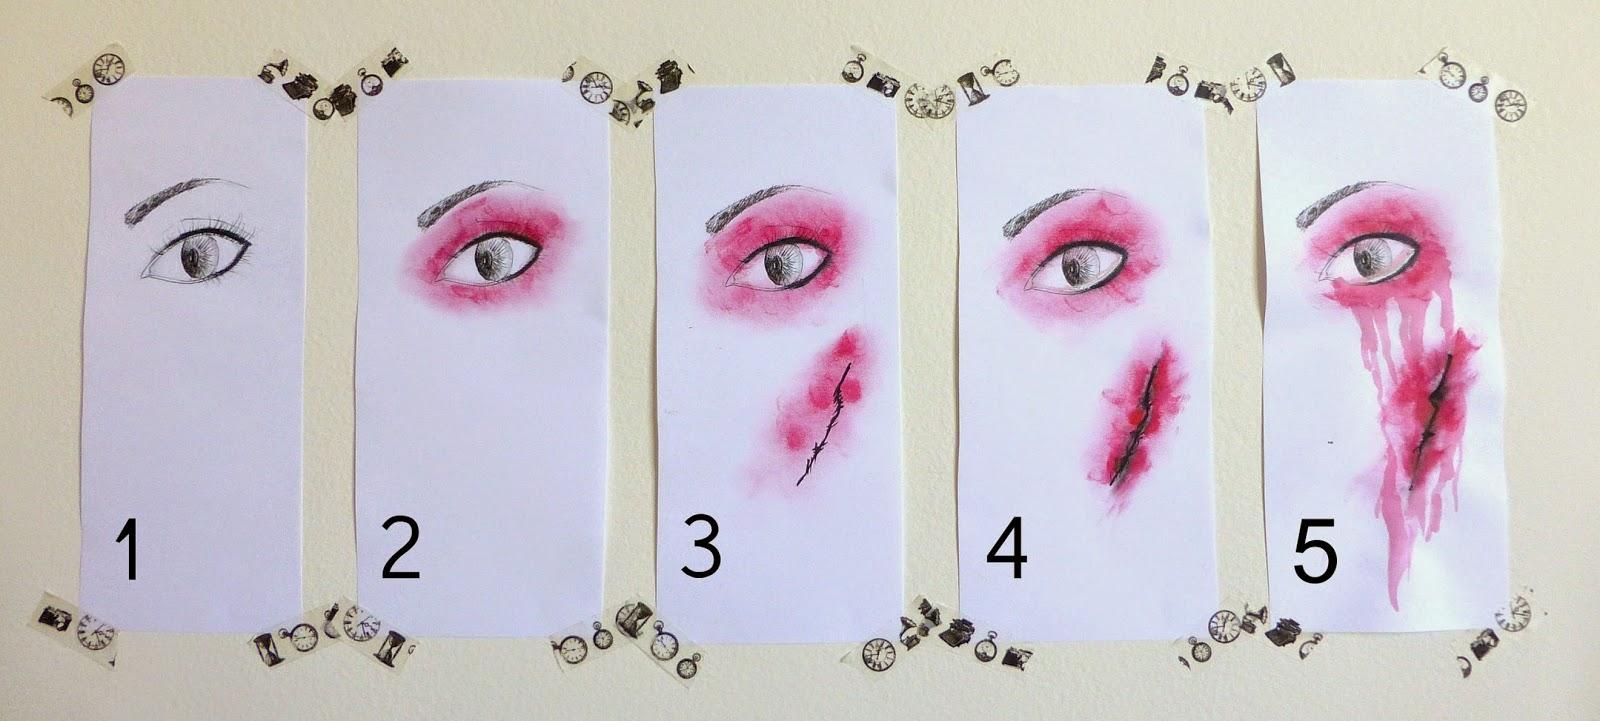 rouge halloween un maquillage sanglant pour les rdv. Black Bedroom Furniture Sets. Home Design Ideas